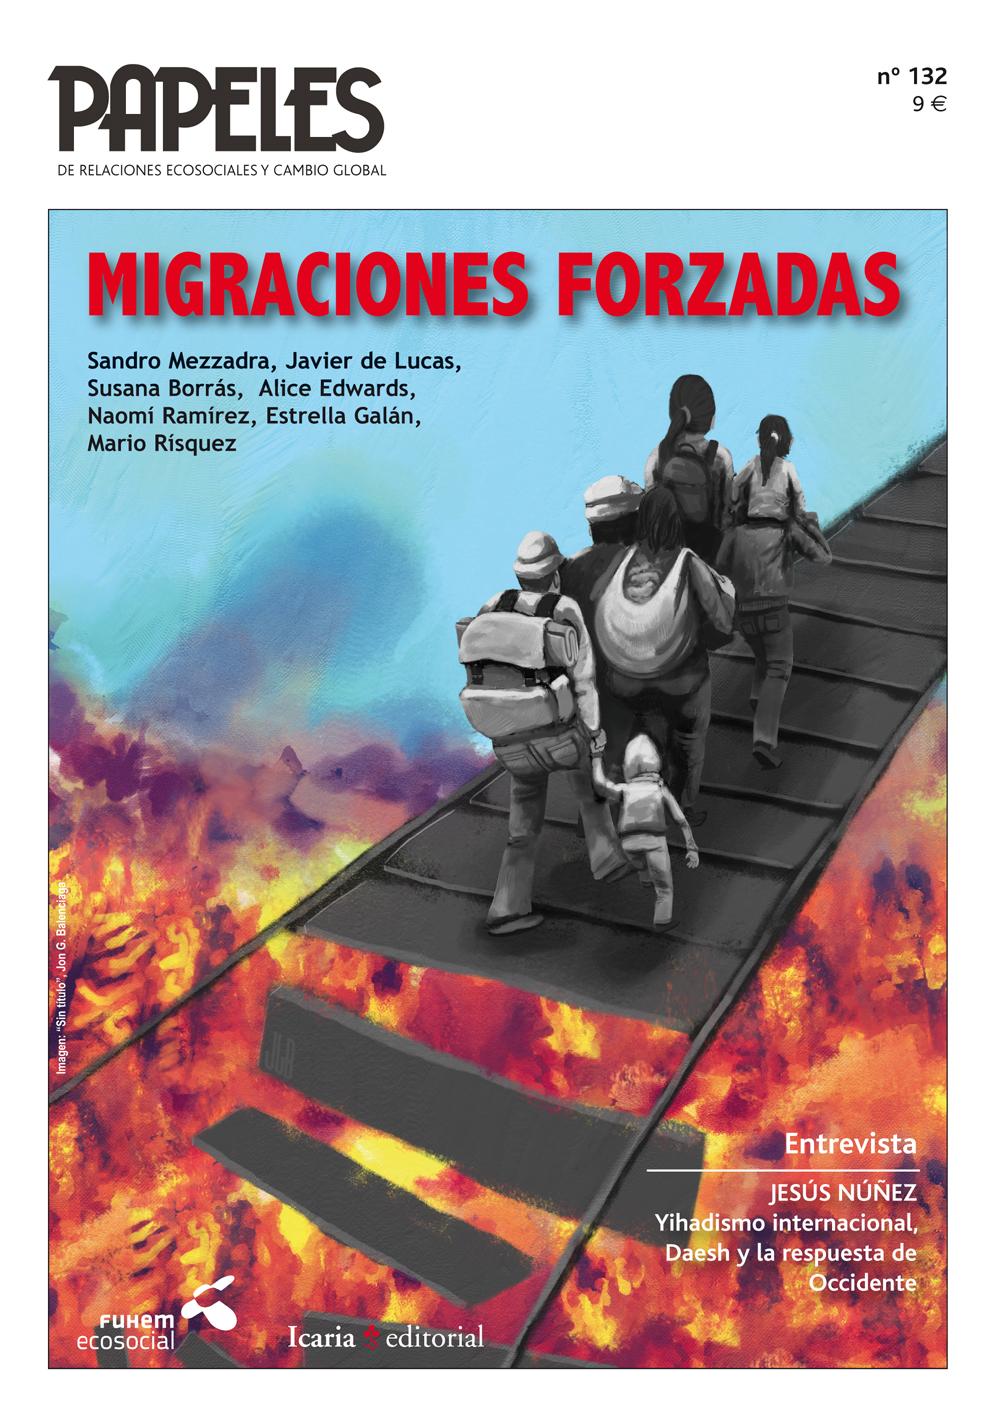 Revista Papeles de Relaciones Ecosociales y Cambio Global. Migraciones Forzadas, núm. 132, invierno 2015-2016.